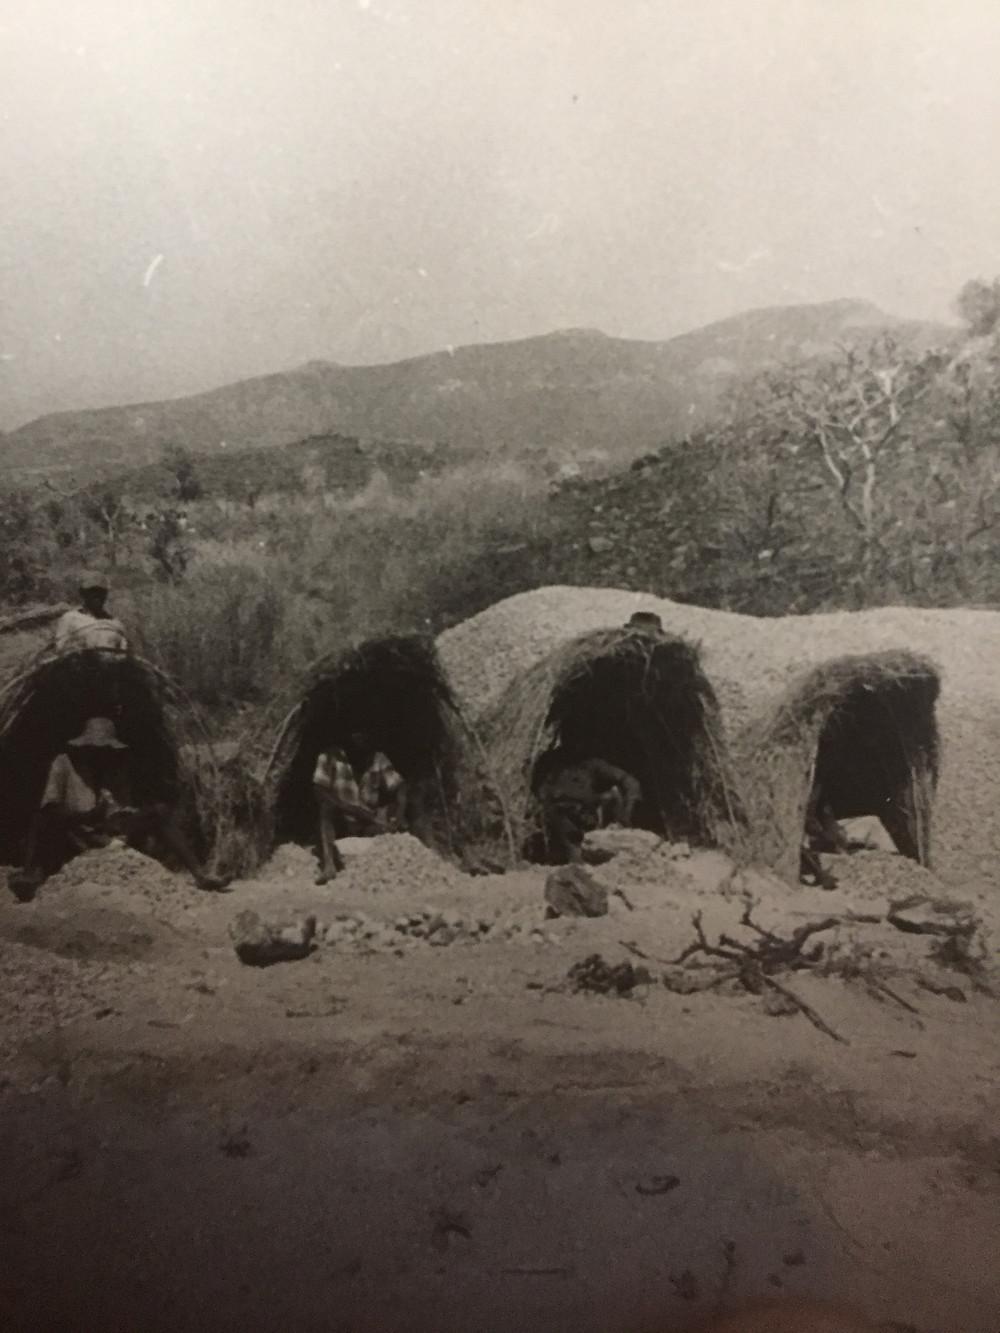 Mud huts